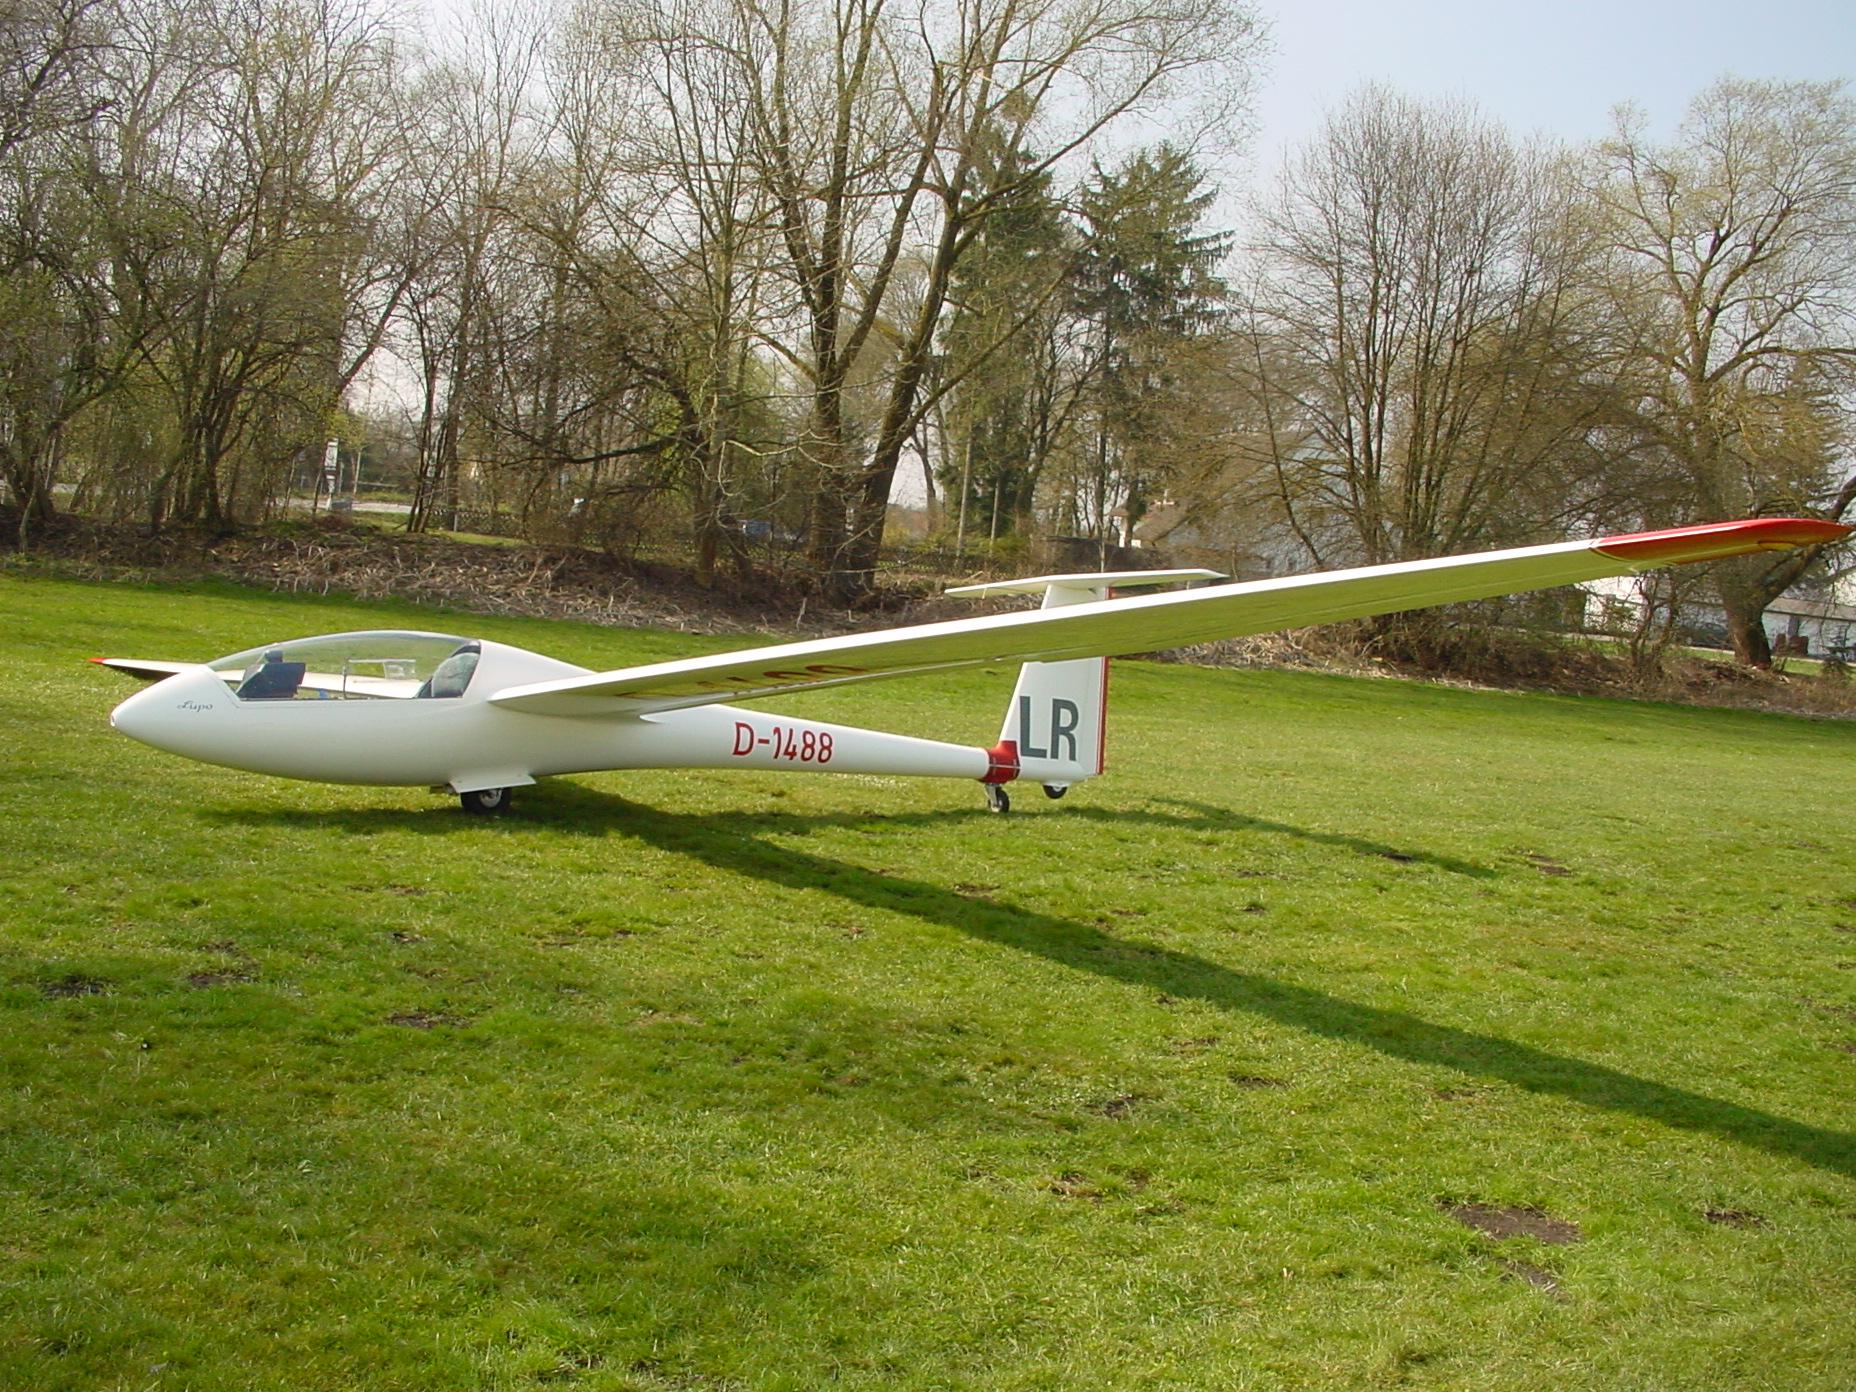 LS-4b